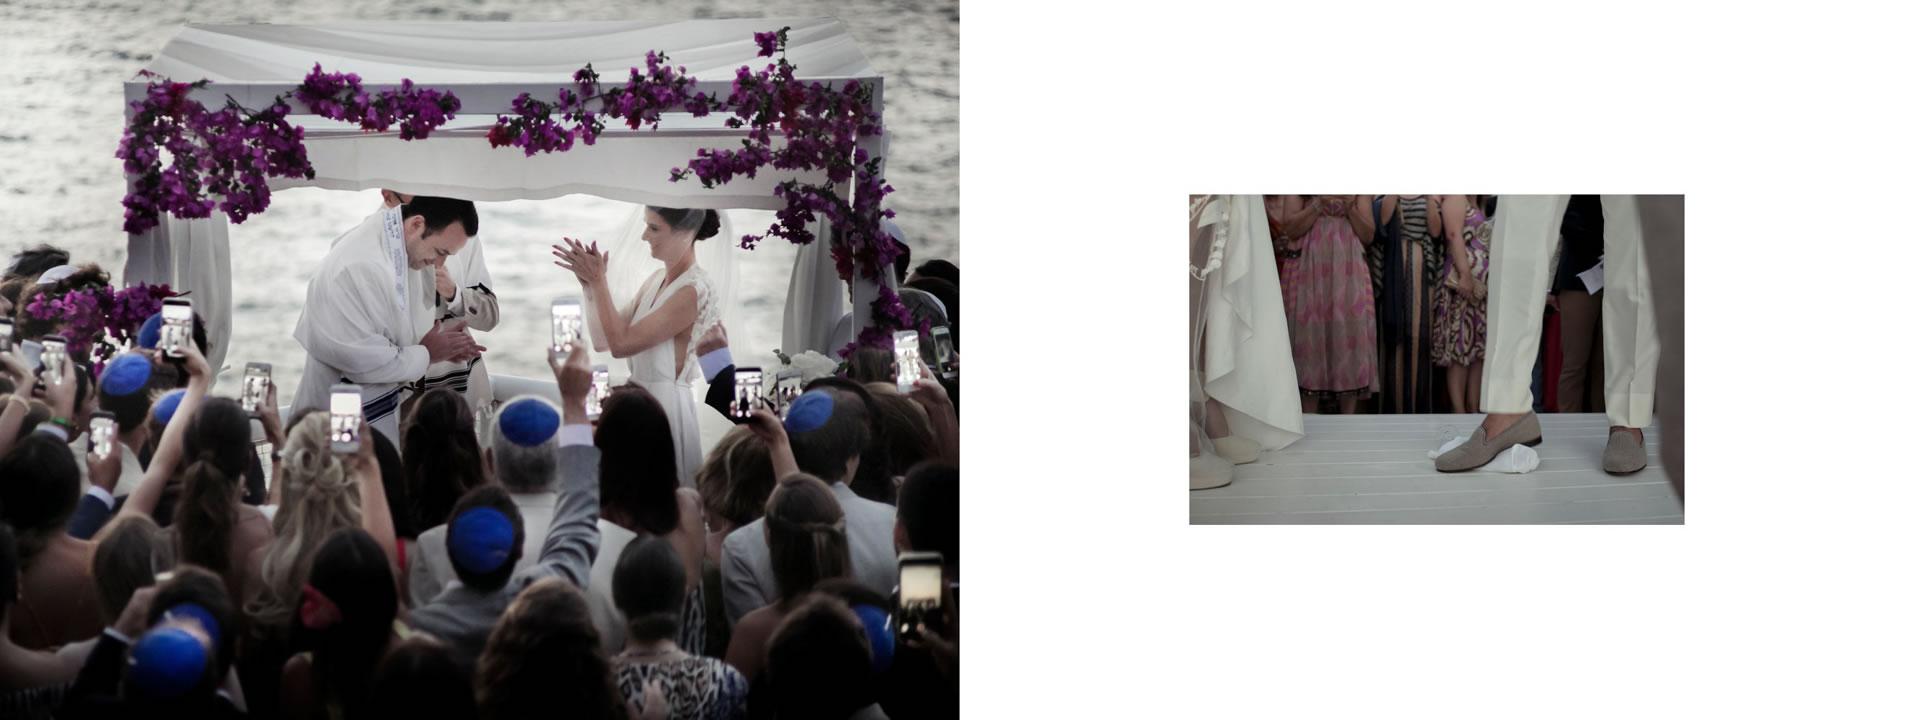 - 49 :: Jewish luxury wedding weekend in Capri :: Luxury wedding photography - 48 ::  - 49